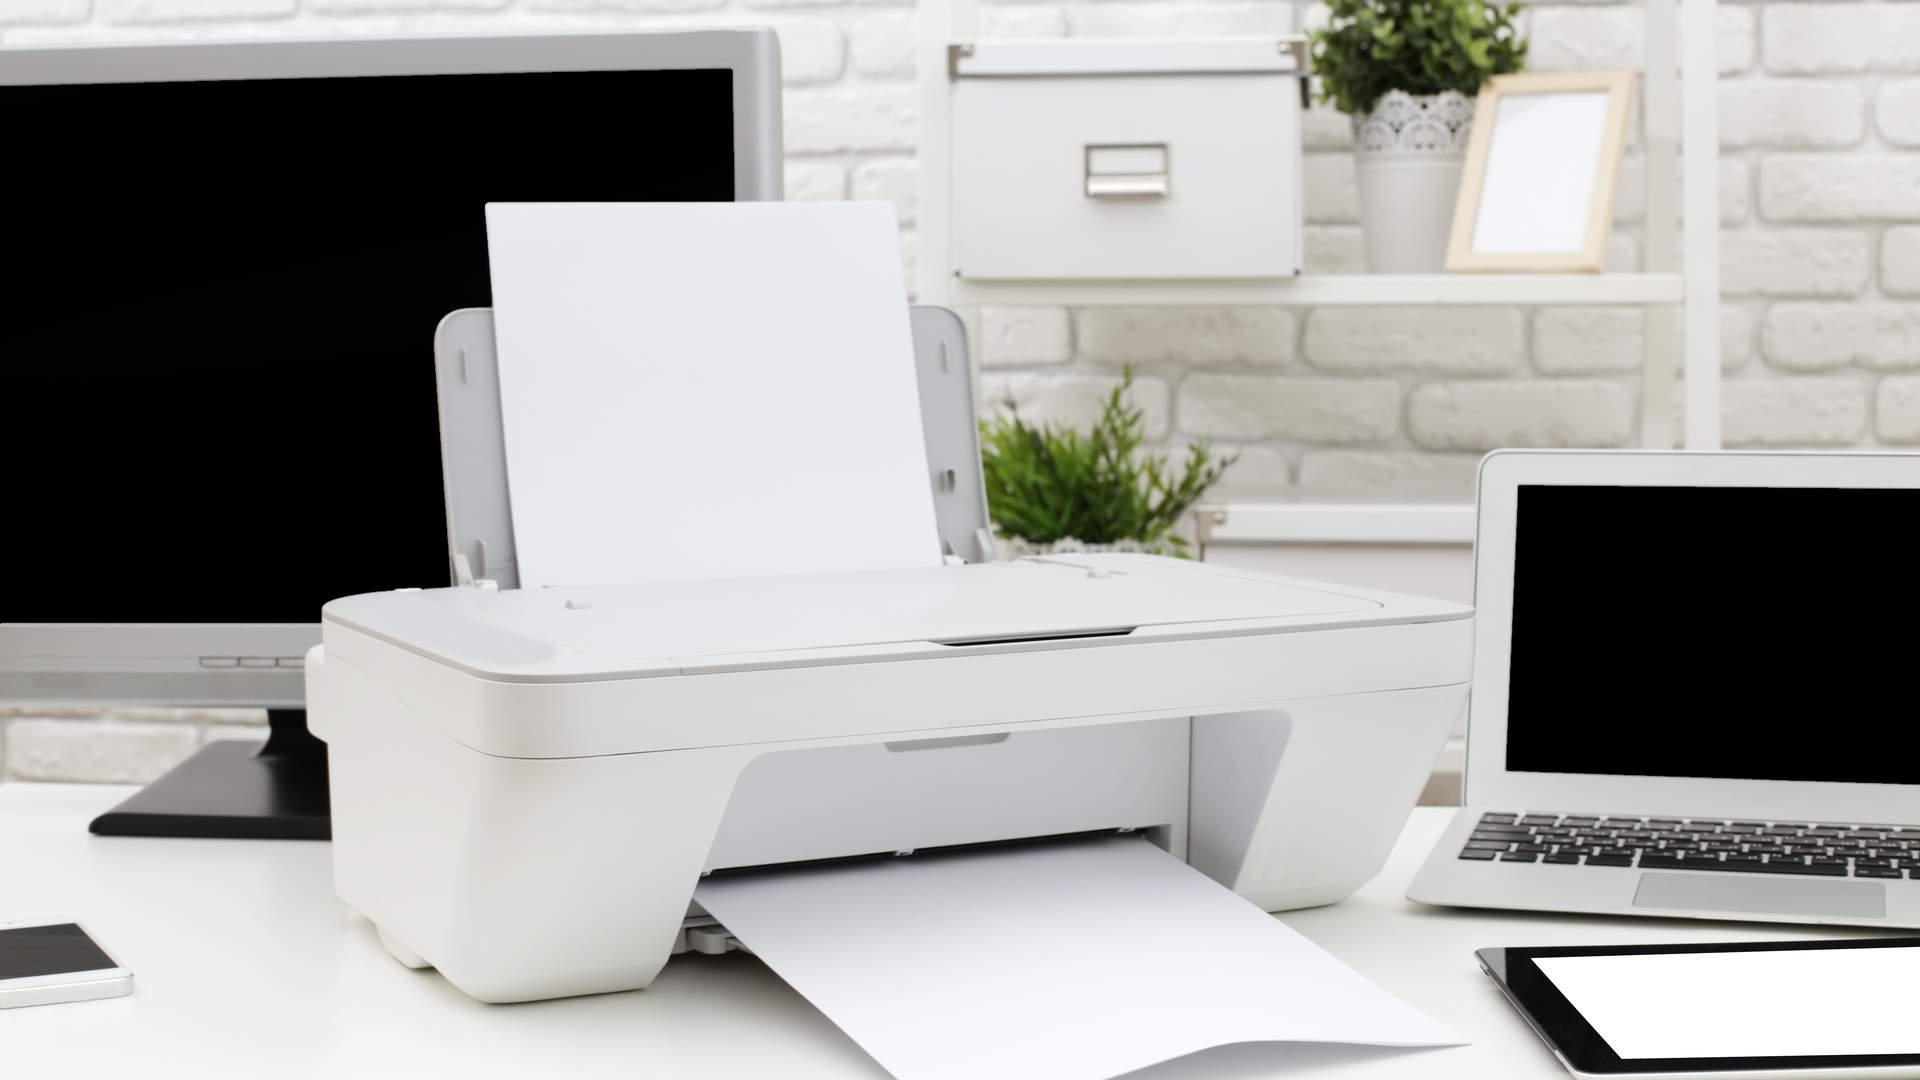 Mesa de escritório com impressora branca ao centro, acompanhada de notebook, tablet e monitor ao redor